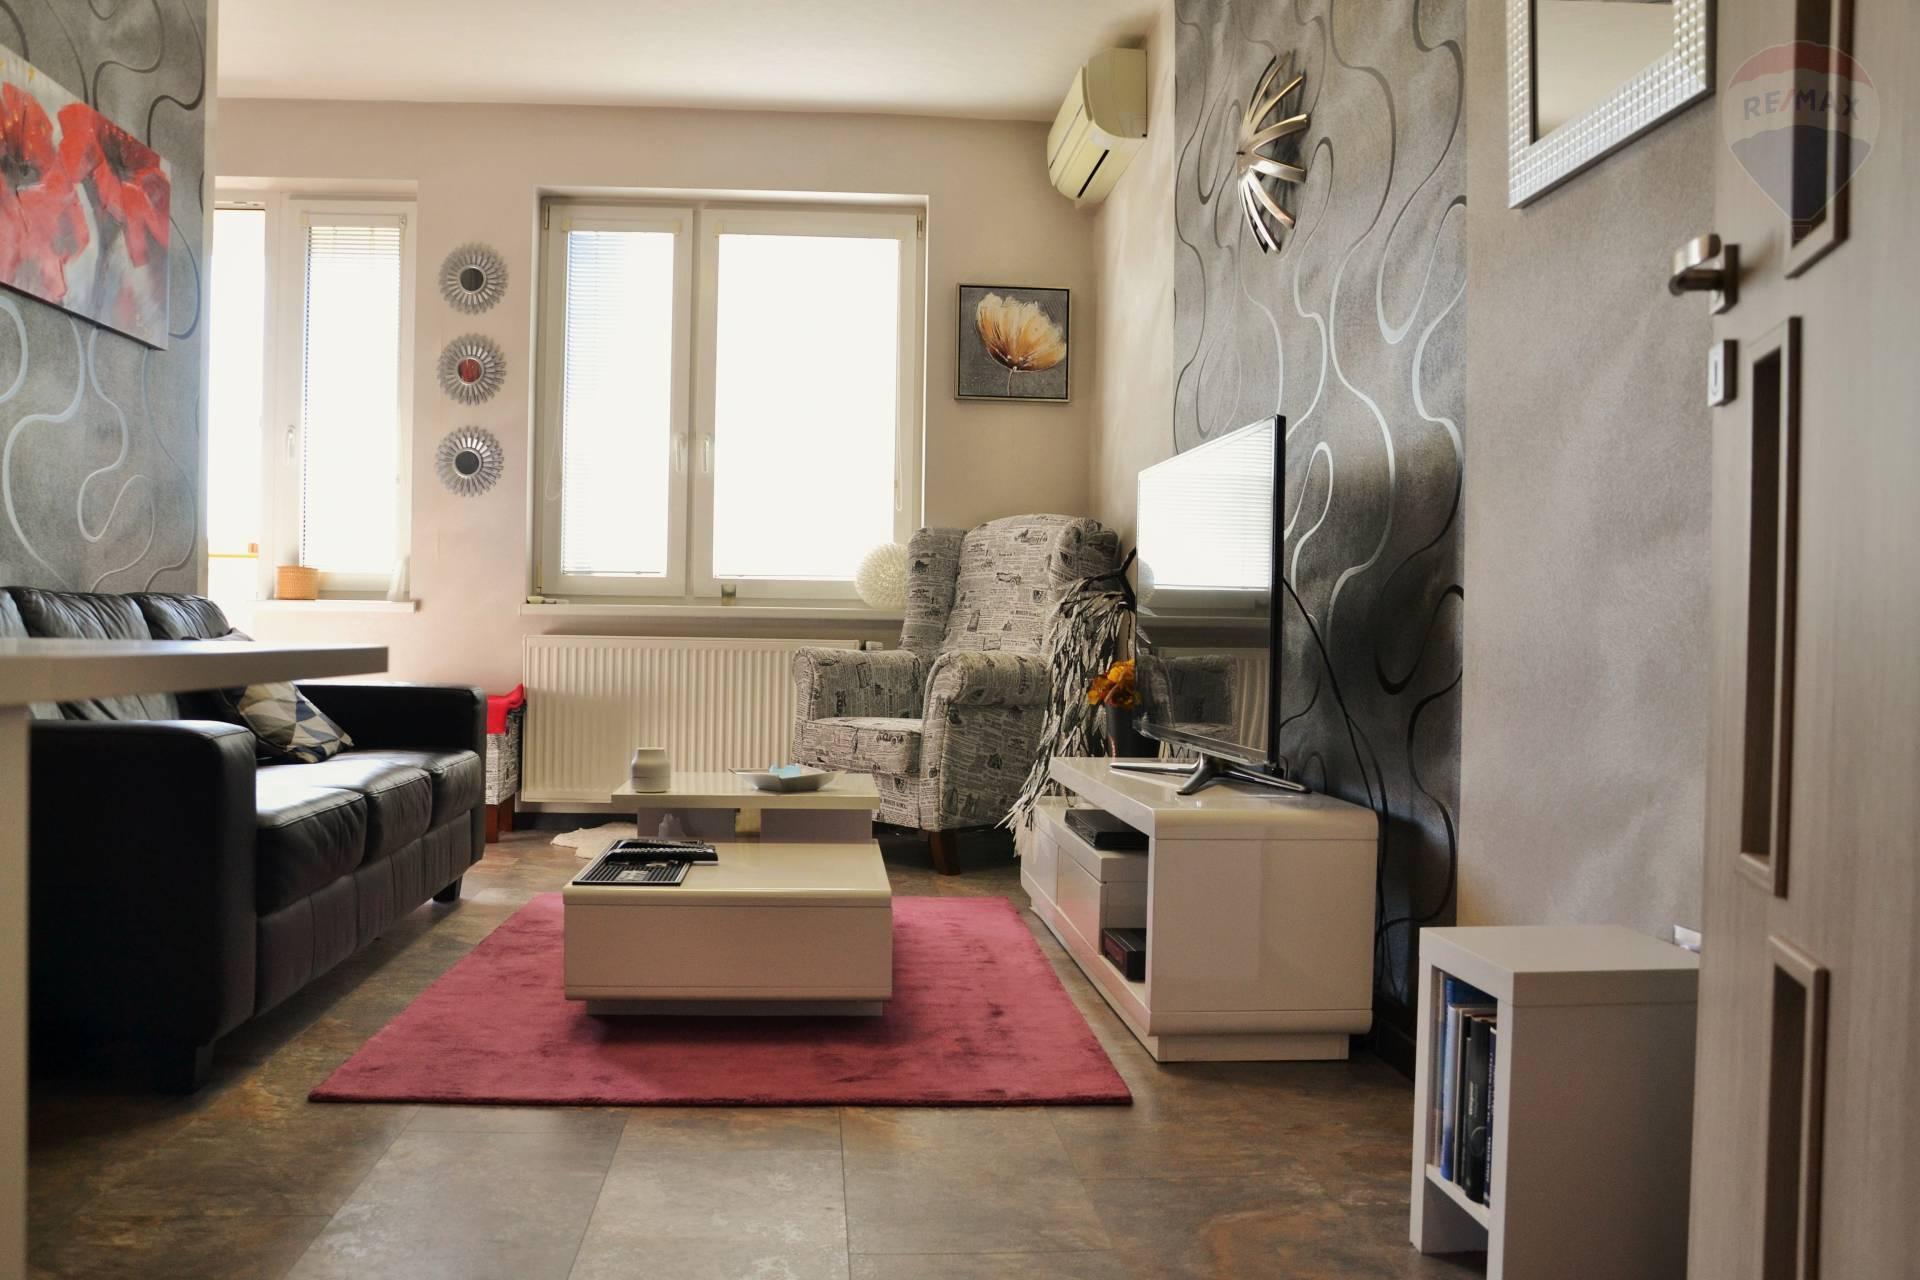 1. izbový byt so spacou časťou v novostavbe na Vyšehradskej v Petržalke